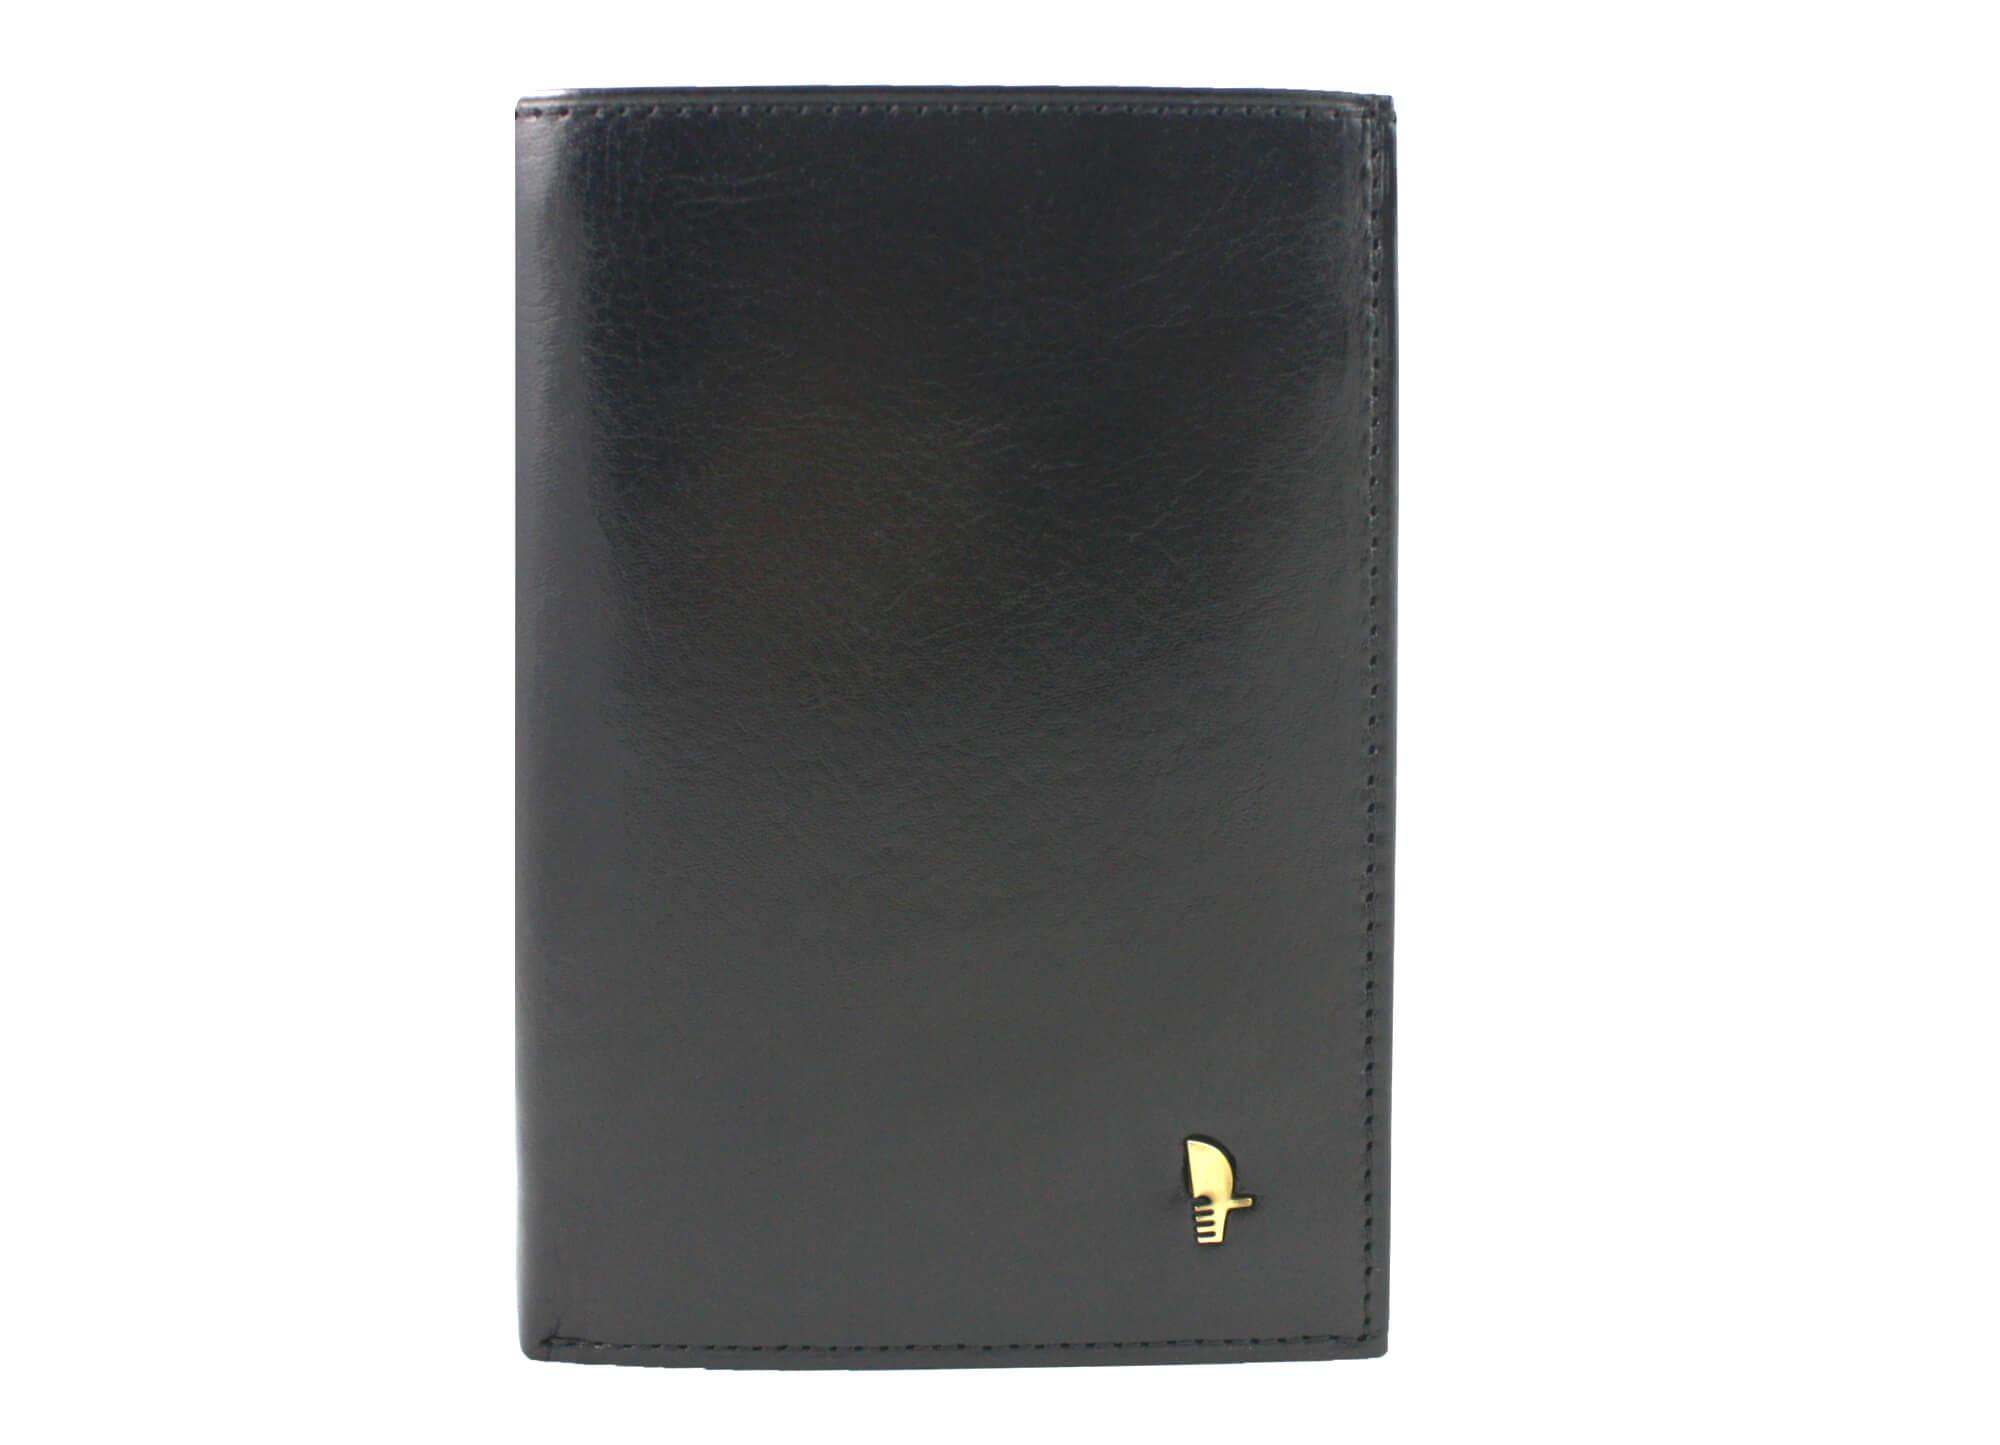 8f148fa898a95 Portfel męski Puccini MU-1696 w kolorze czarnym